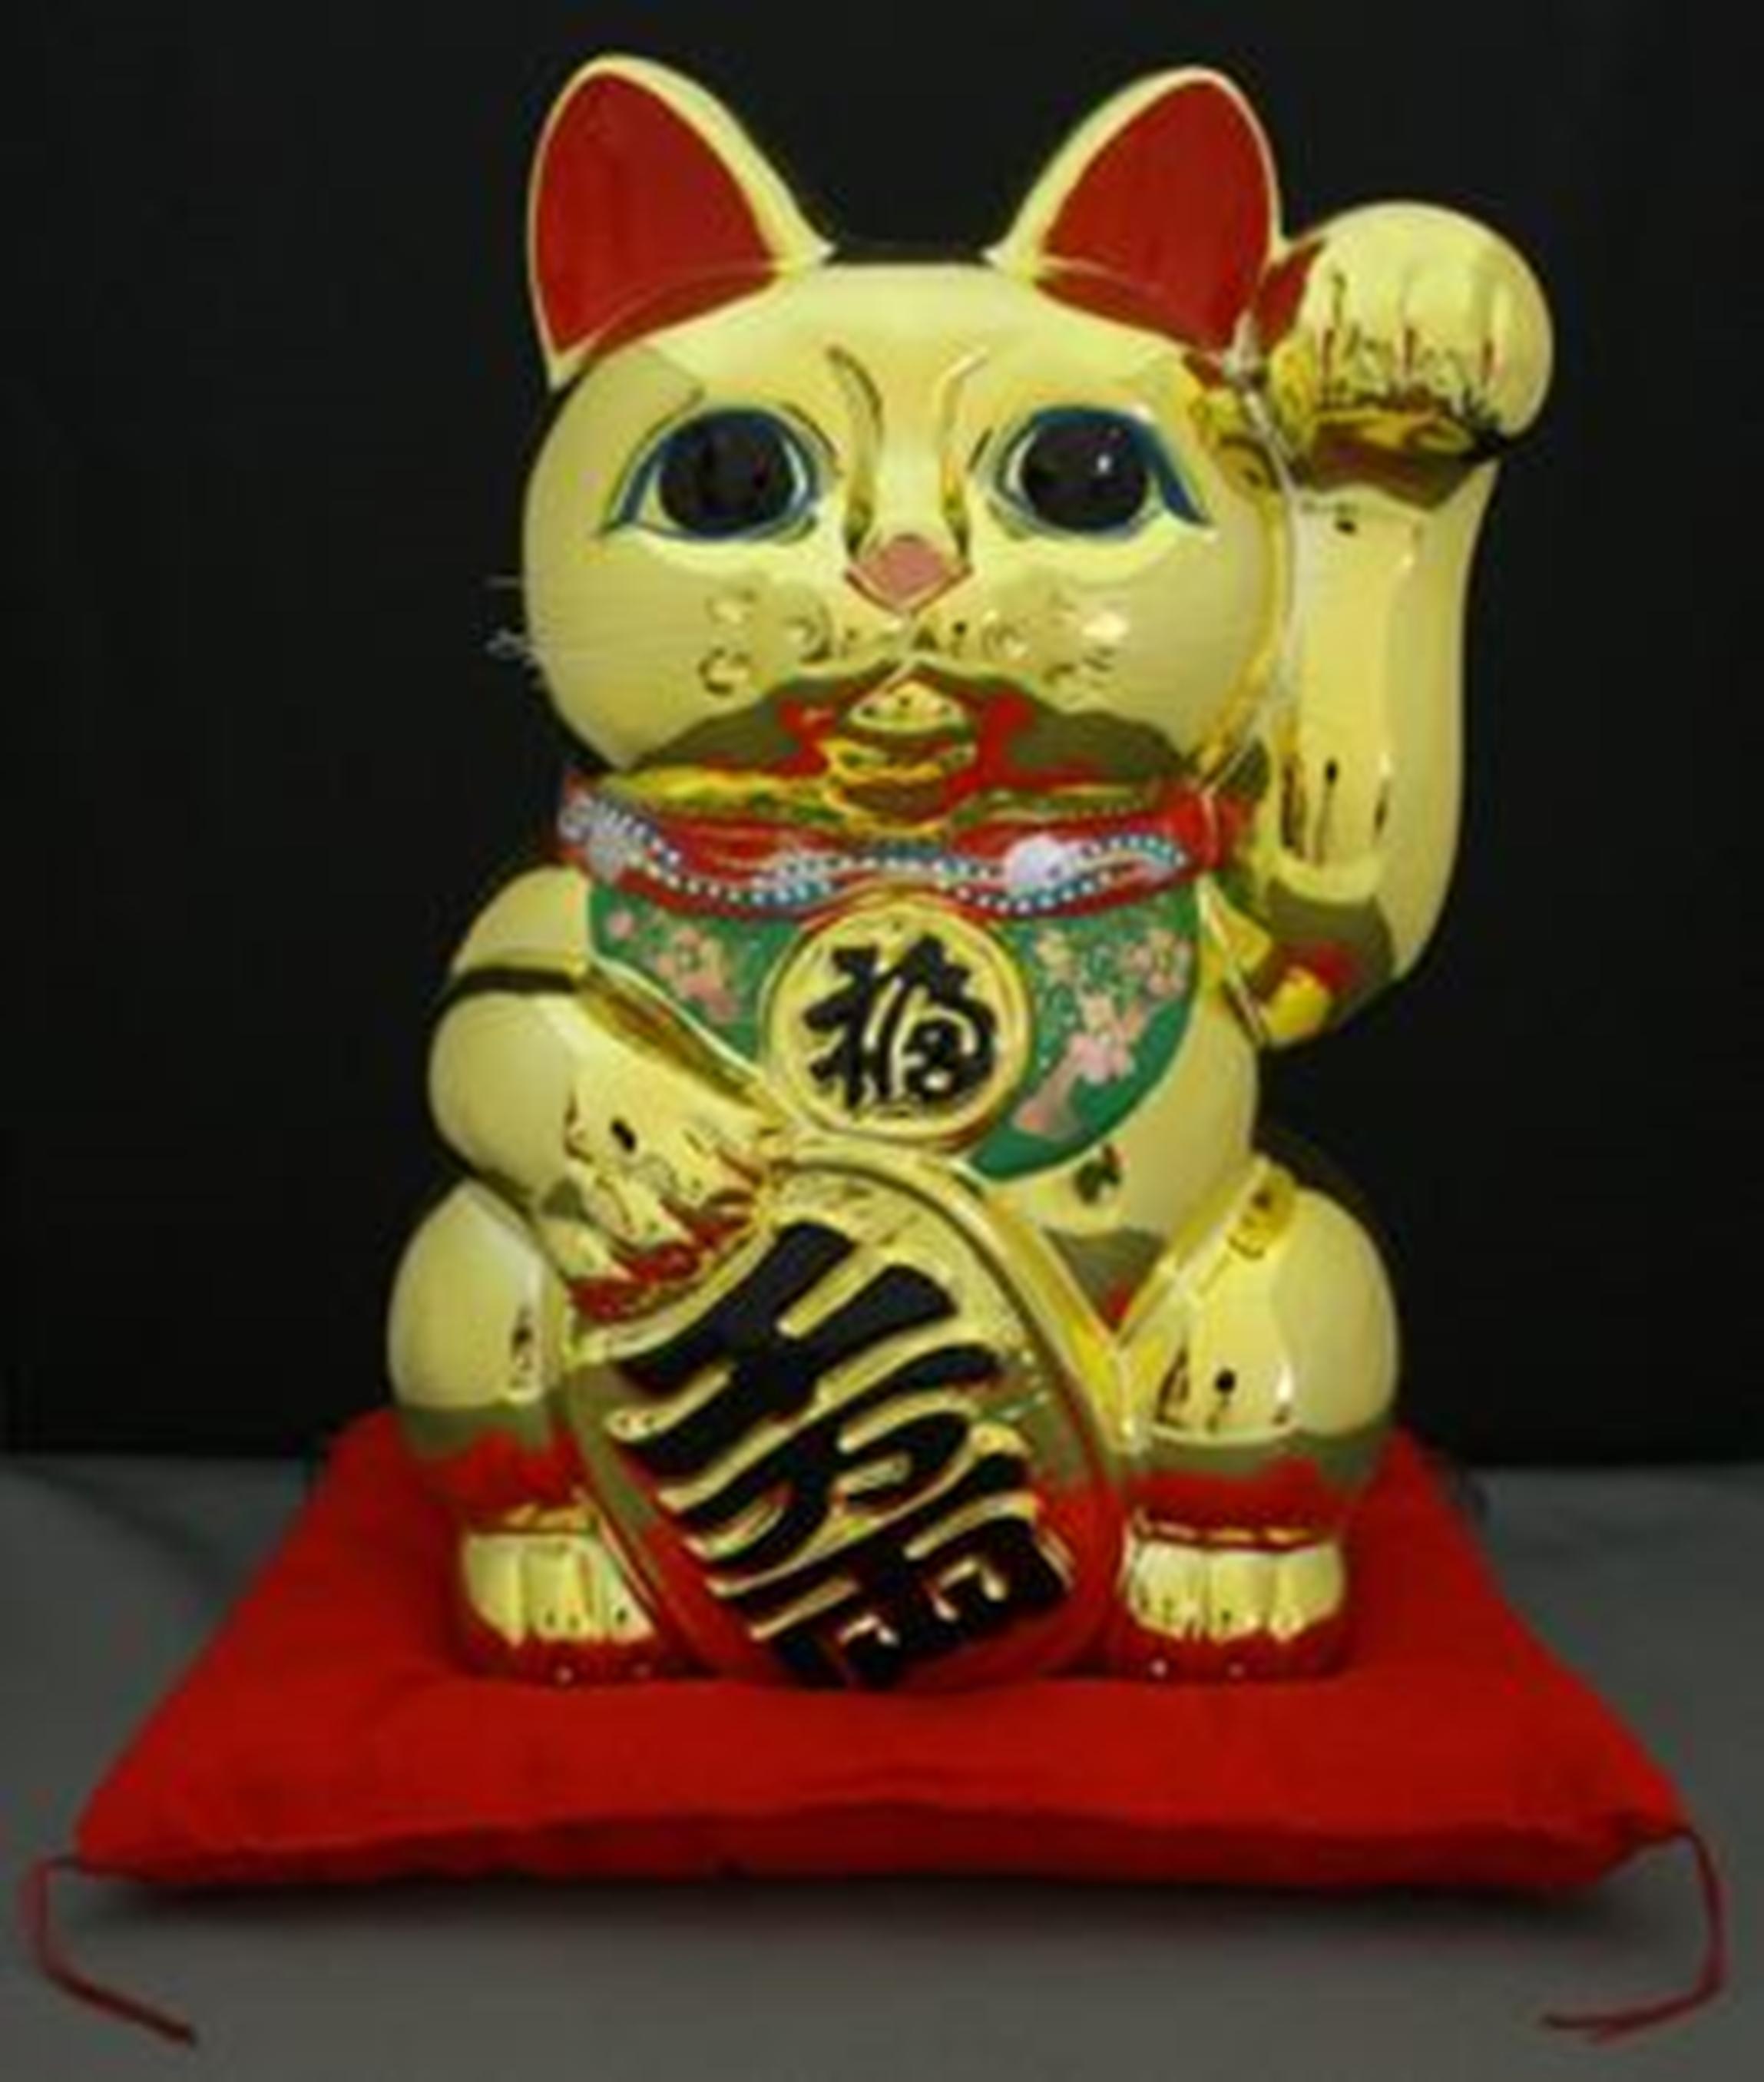 元祖招き猫10号  金運招福招き猫